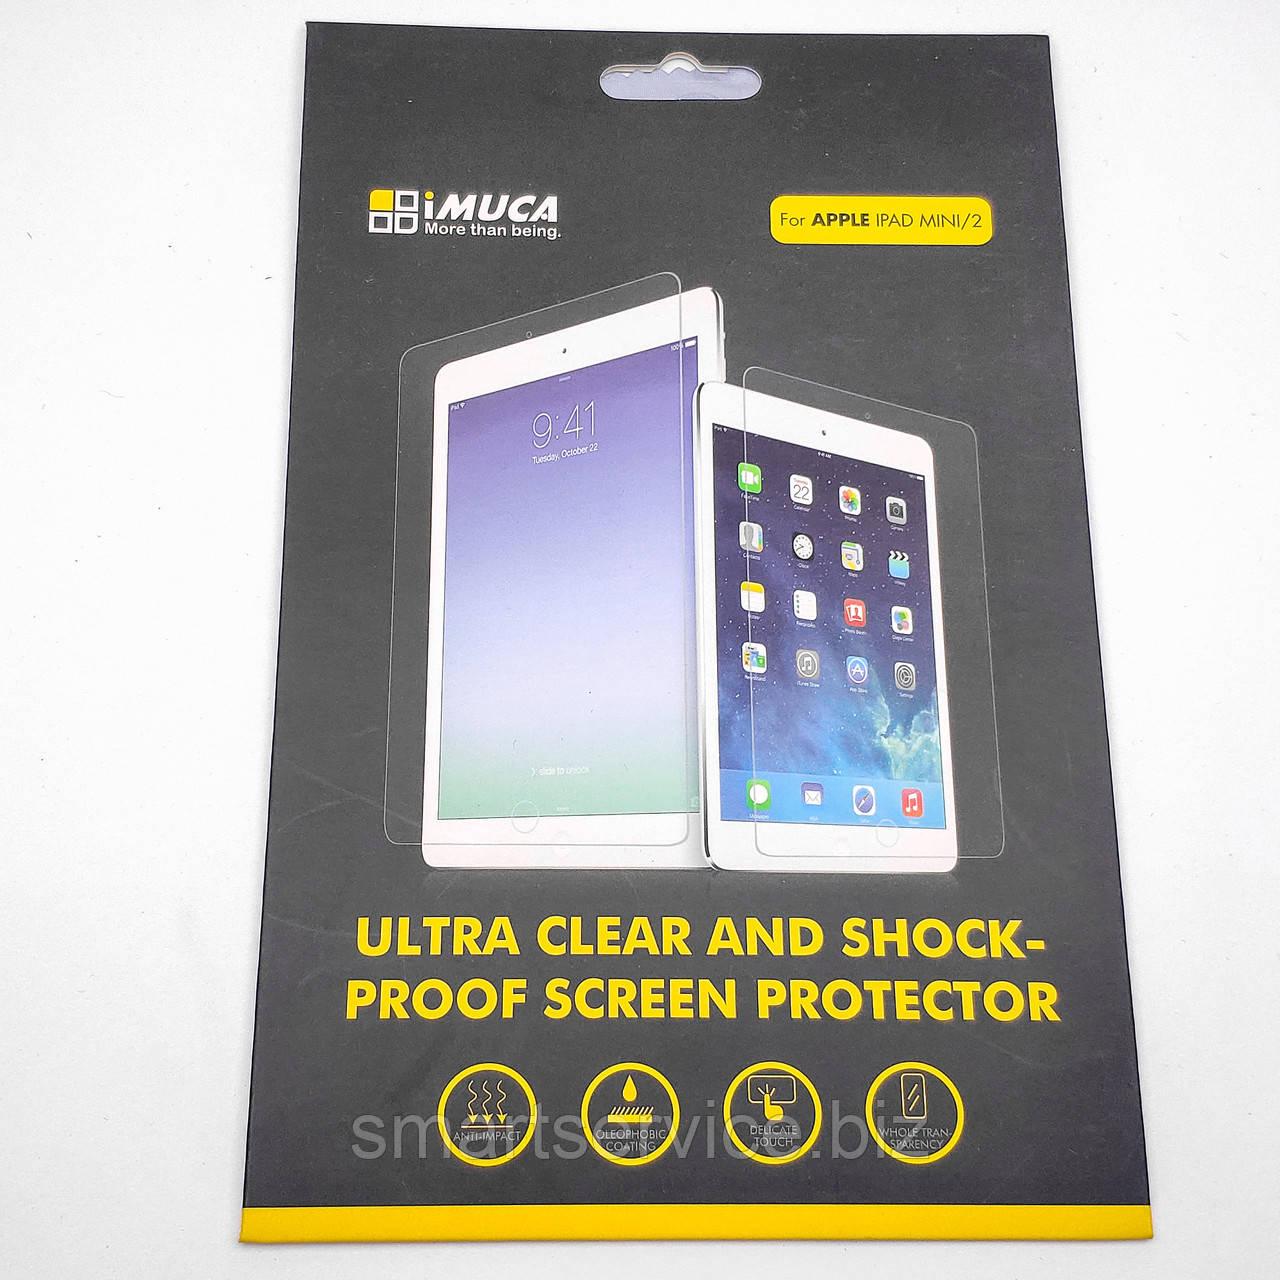 Защитная пленка IMUCA Ultra Clear Shock-Proof для Apple iPad Mini / mini 2